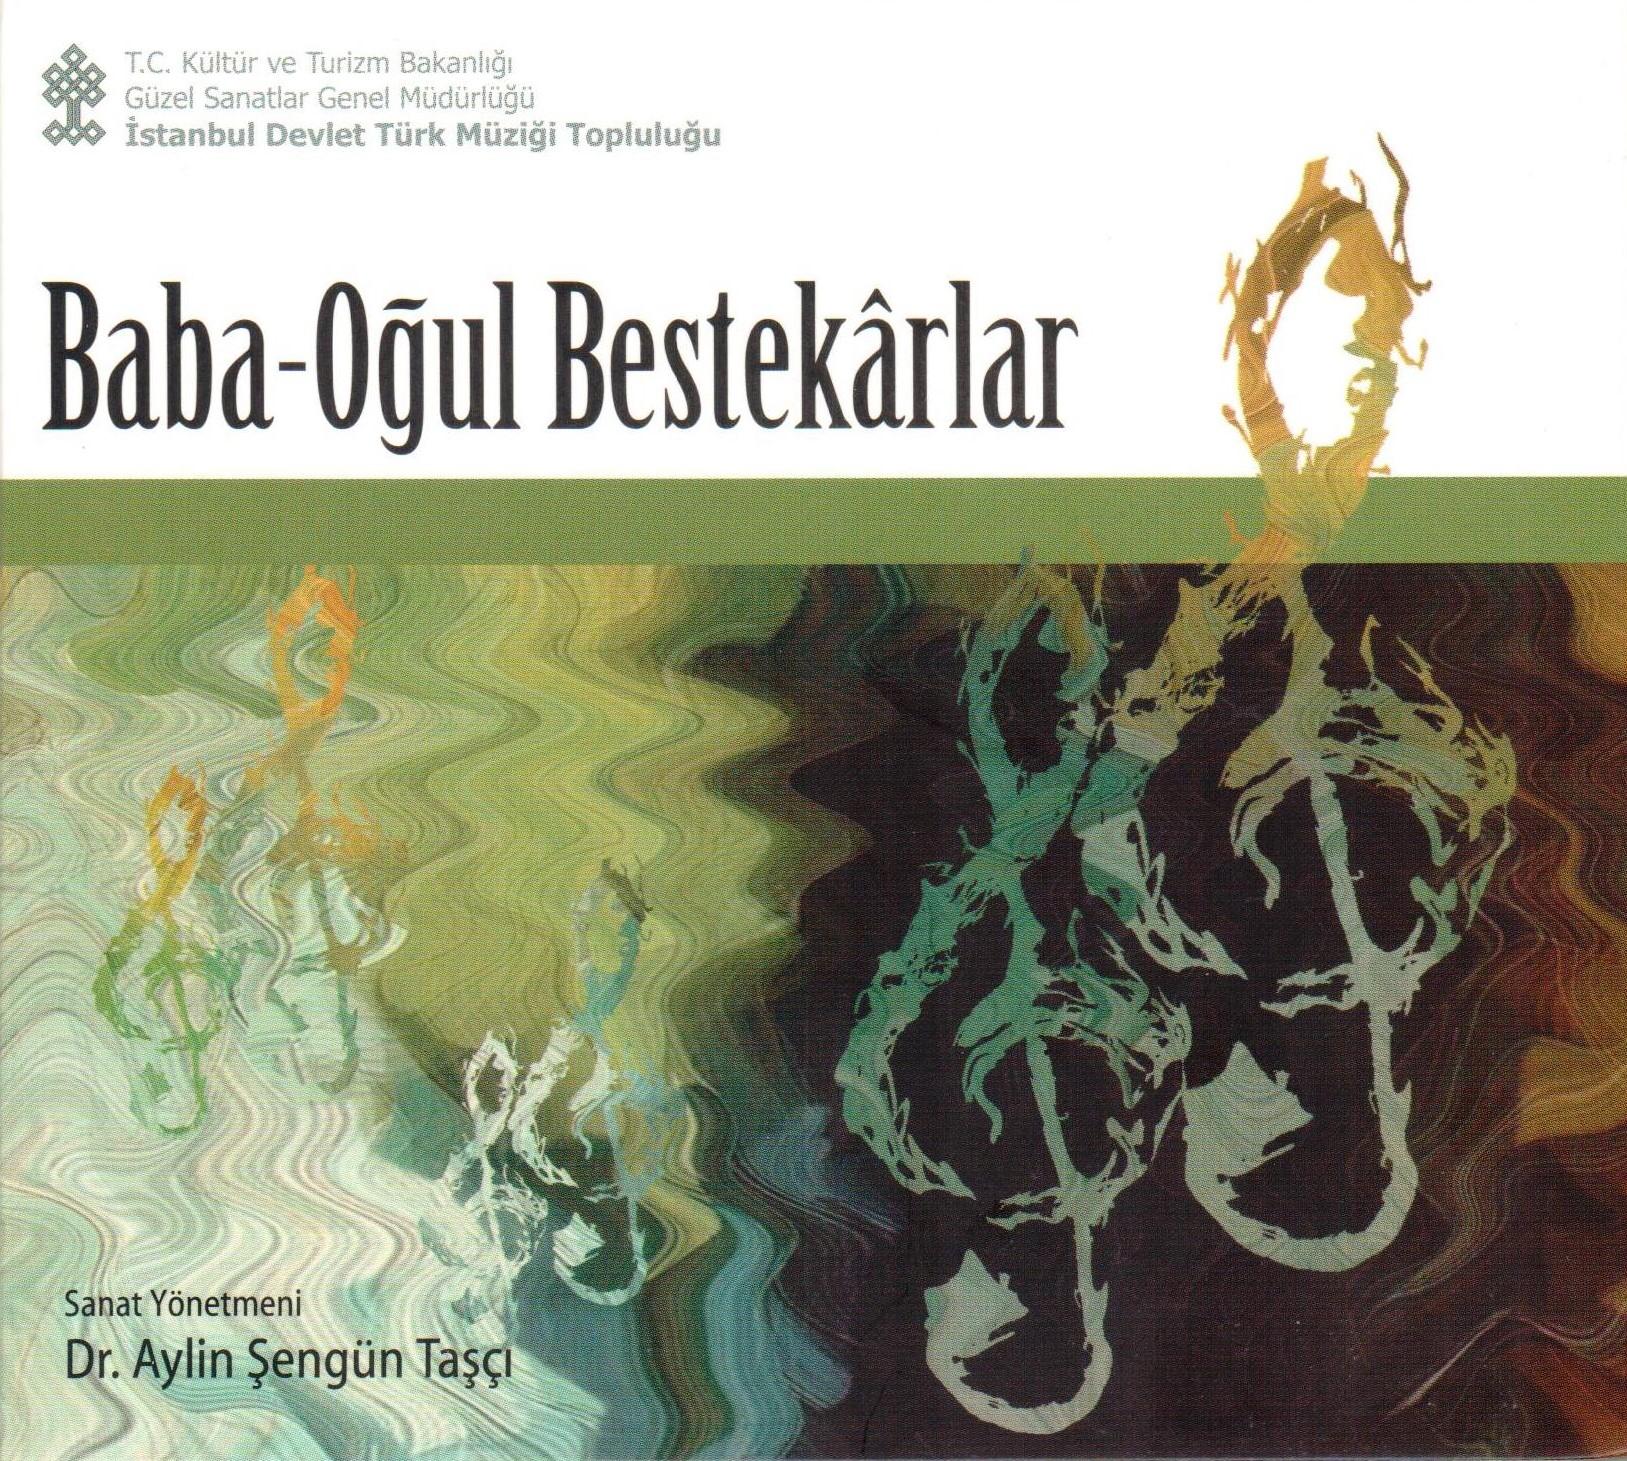 Hüseynî Şarkı (Aksak) Mahmud Celâleddin Paşa, Merve Ceren Yeşildal